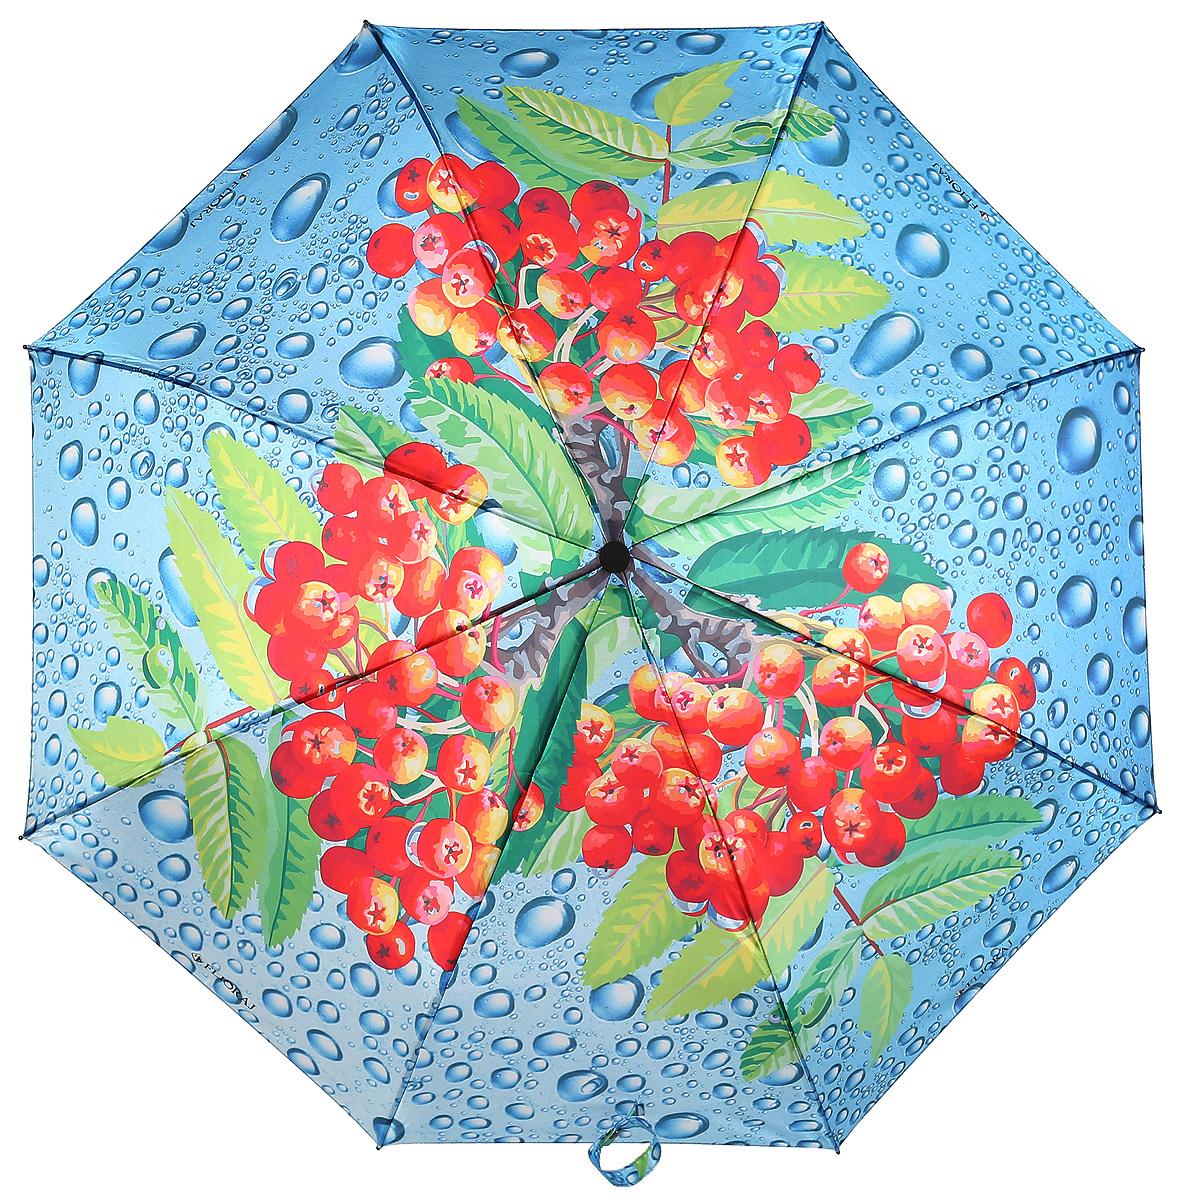 Зонт женский Flioraj, автомат, 3 сложения, цвет: голубой, красный, зеленый. 231215 FJ231215 FJЖенские зонты с нежным рисунком создадут весеннее настроение в любую непогоду! Уникальный каркас из анодированной стали, карбоновые спицы обеспечат надежную защиту даже при порывах ураганного ветра. Улучшенный механизм позволит быстро открыть, а потом сложить зонт.